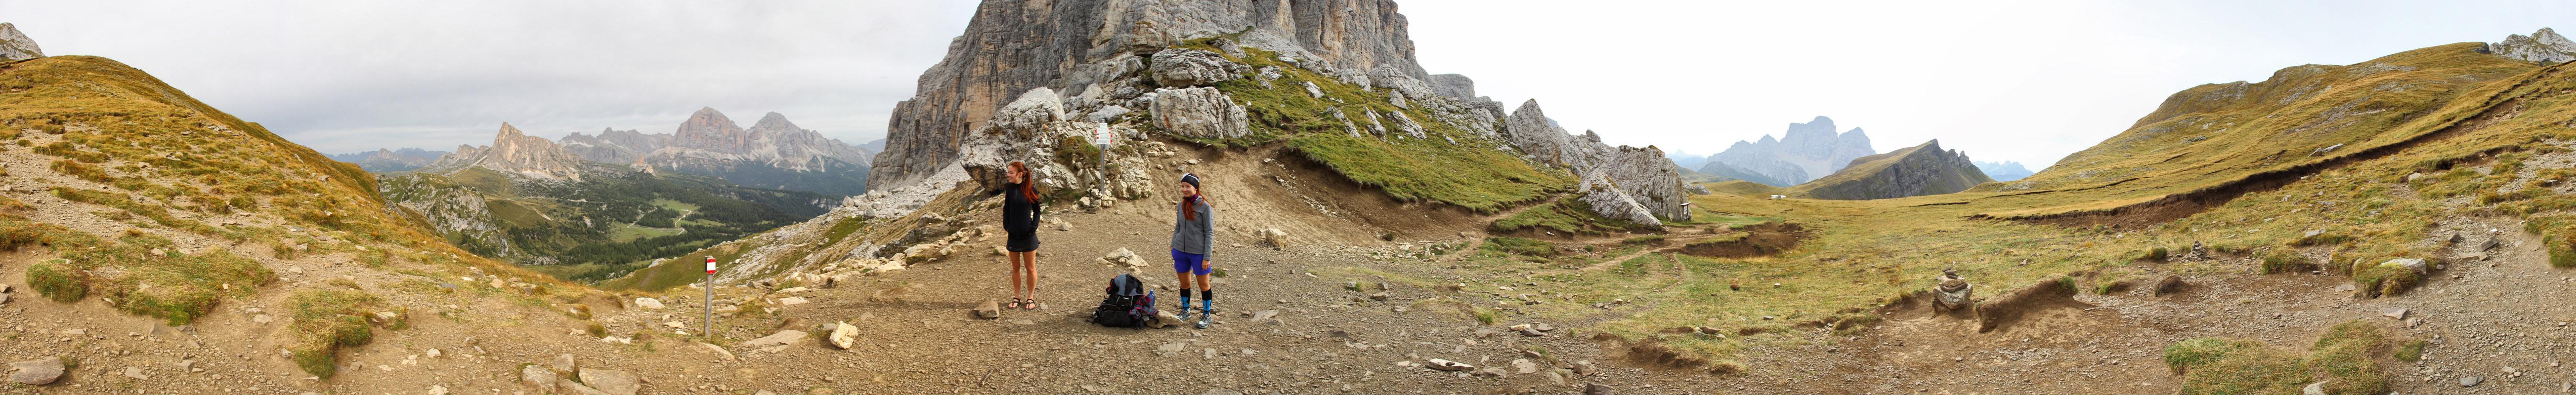 Panoráma z Forcella di Giau, Dolomity - La Gusela, Tofane, Monte Mondeval, Monte Pelmo